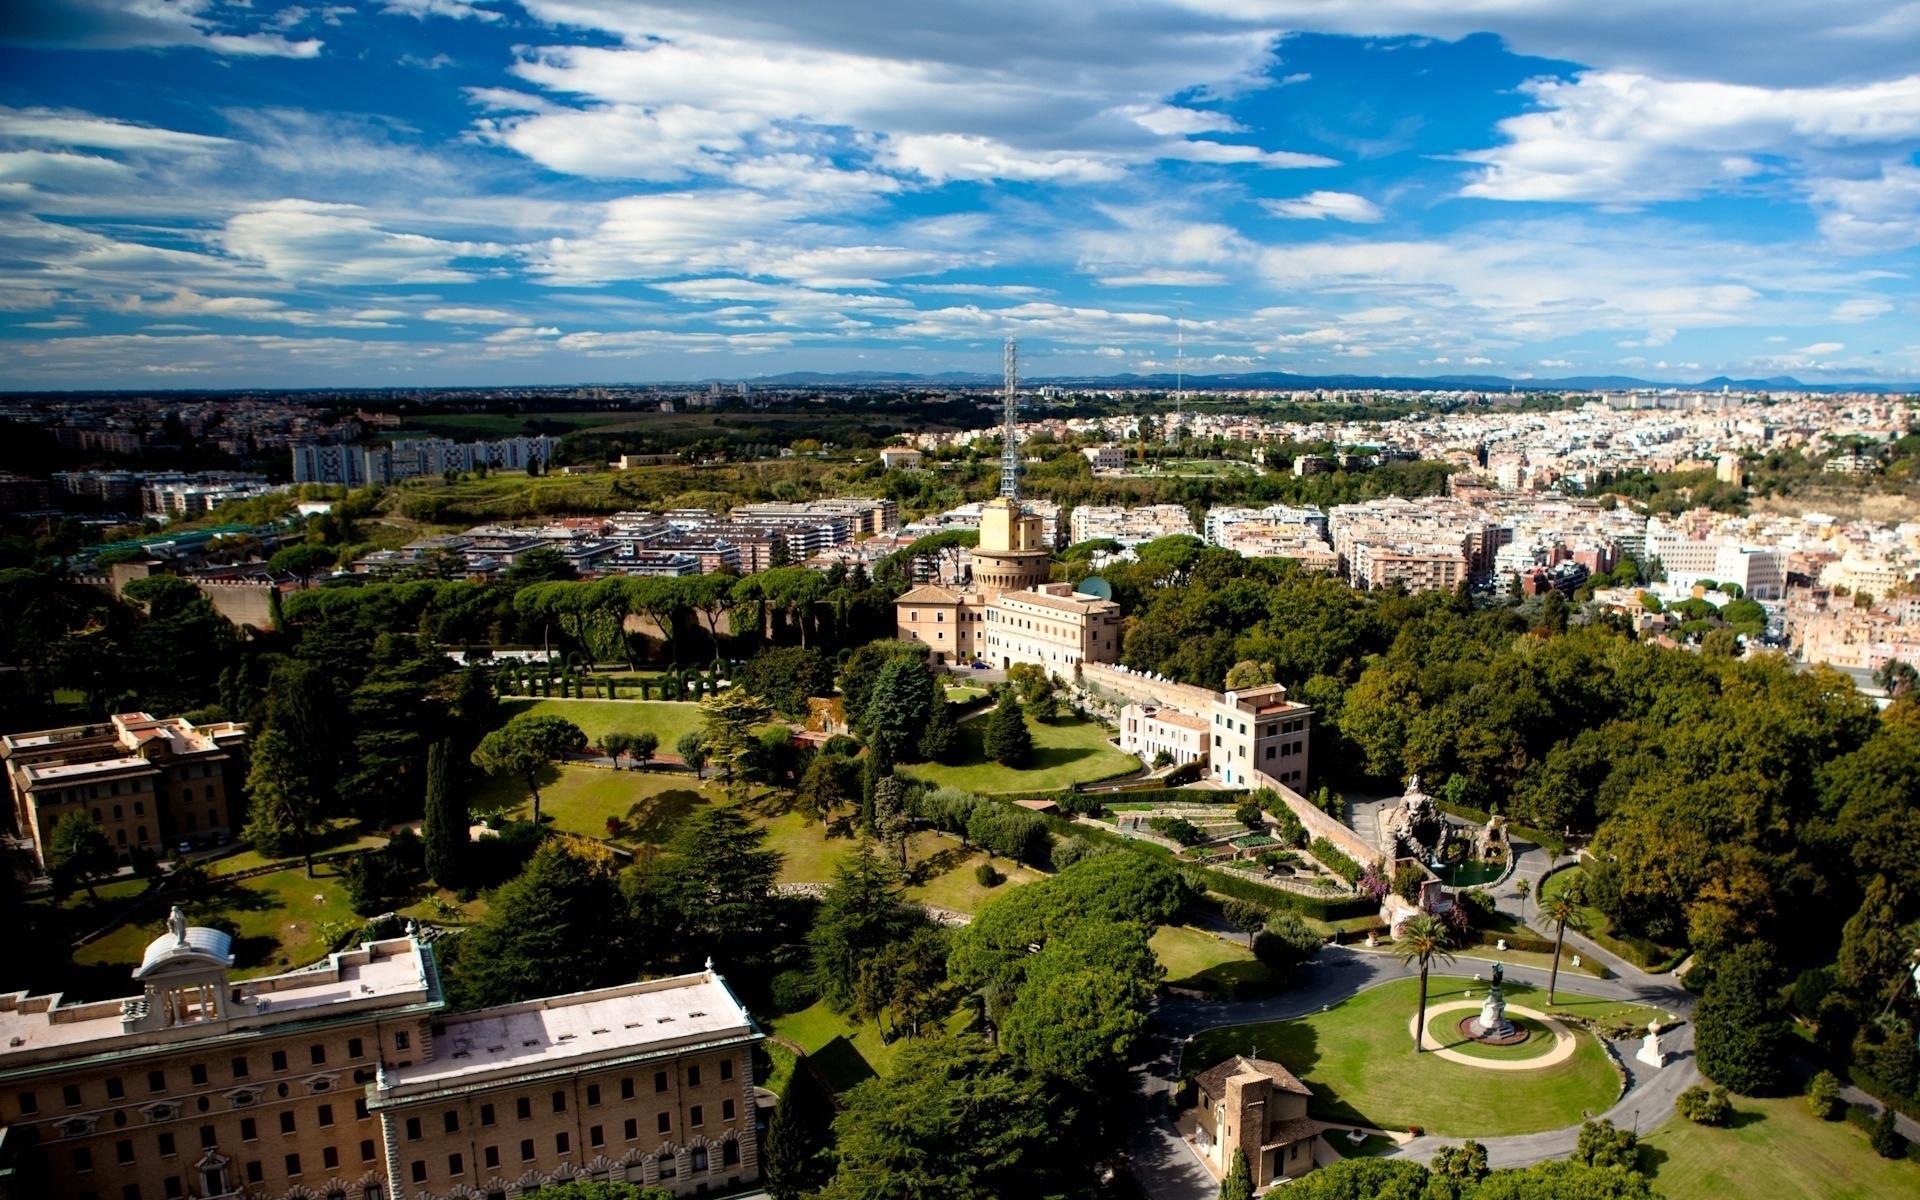 Πάμε ένα ταξίδι στην όμορφη Ρώμη;  thumbnail